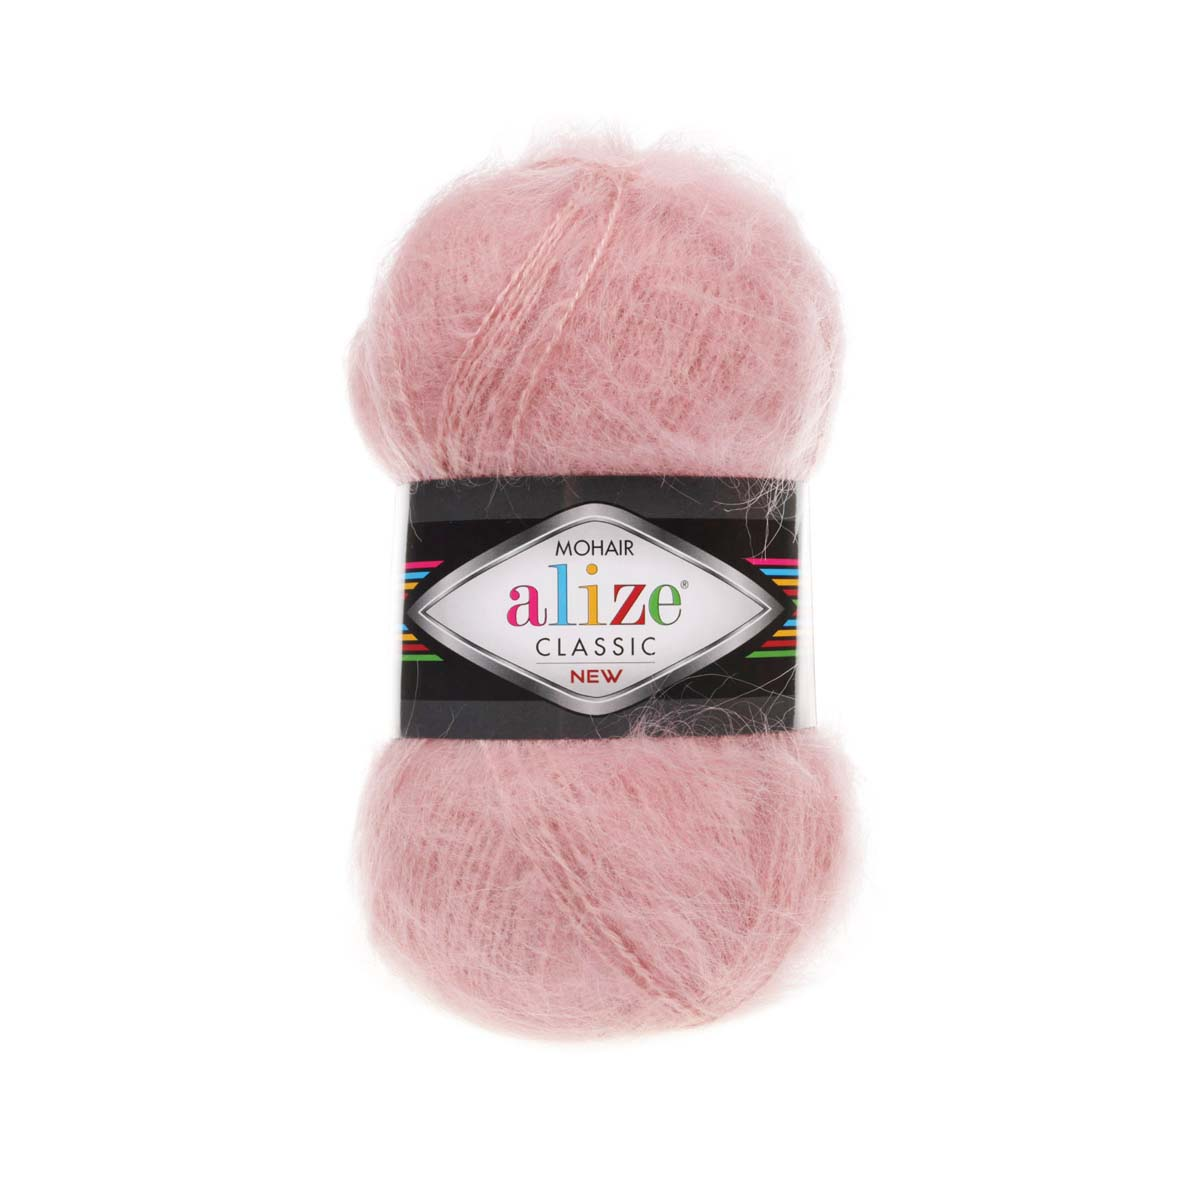 Пряжа ALIZE 'Mohair classic new' 100гр. 200м (25%мохер, 24%шерсть, 51%акрил)